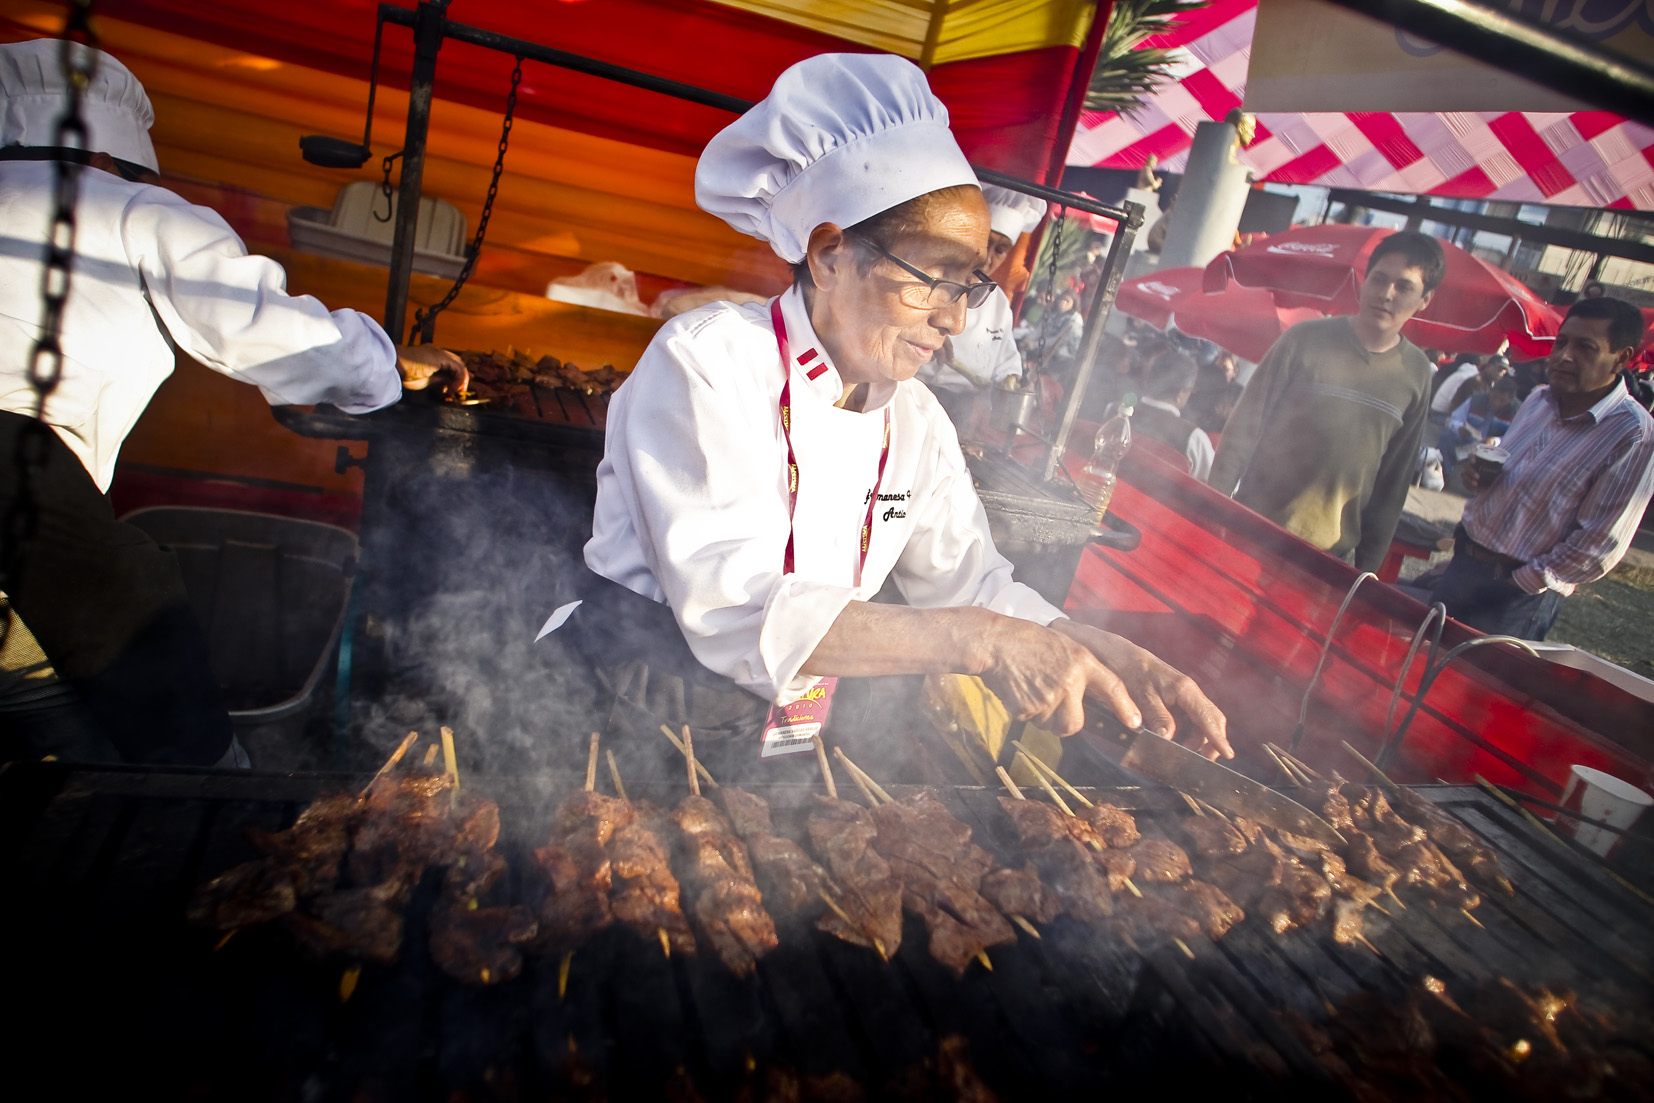 Doña Grimanesa - preparación de anticuchos